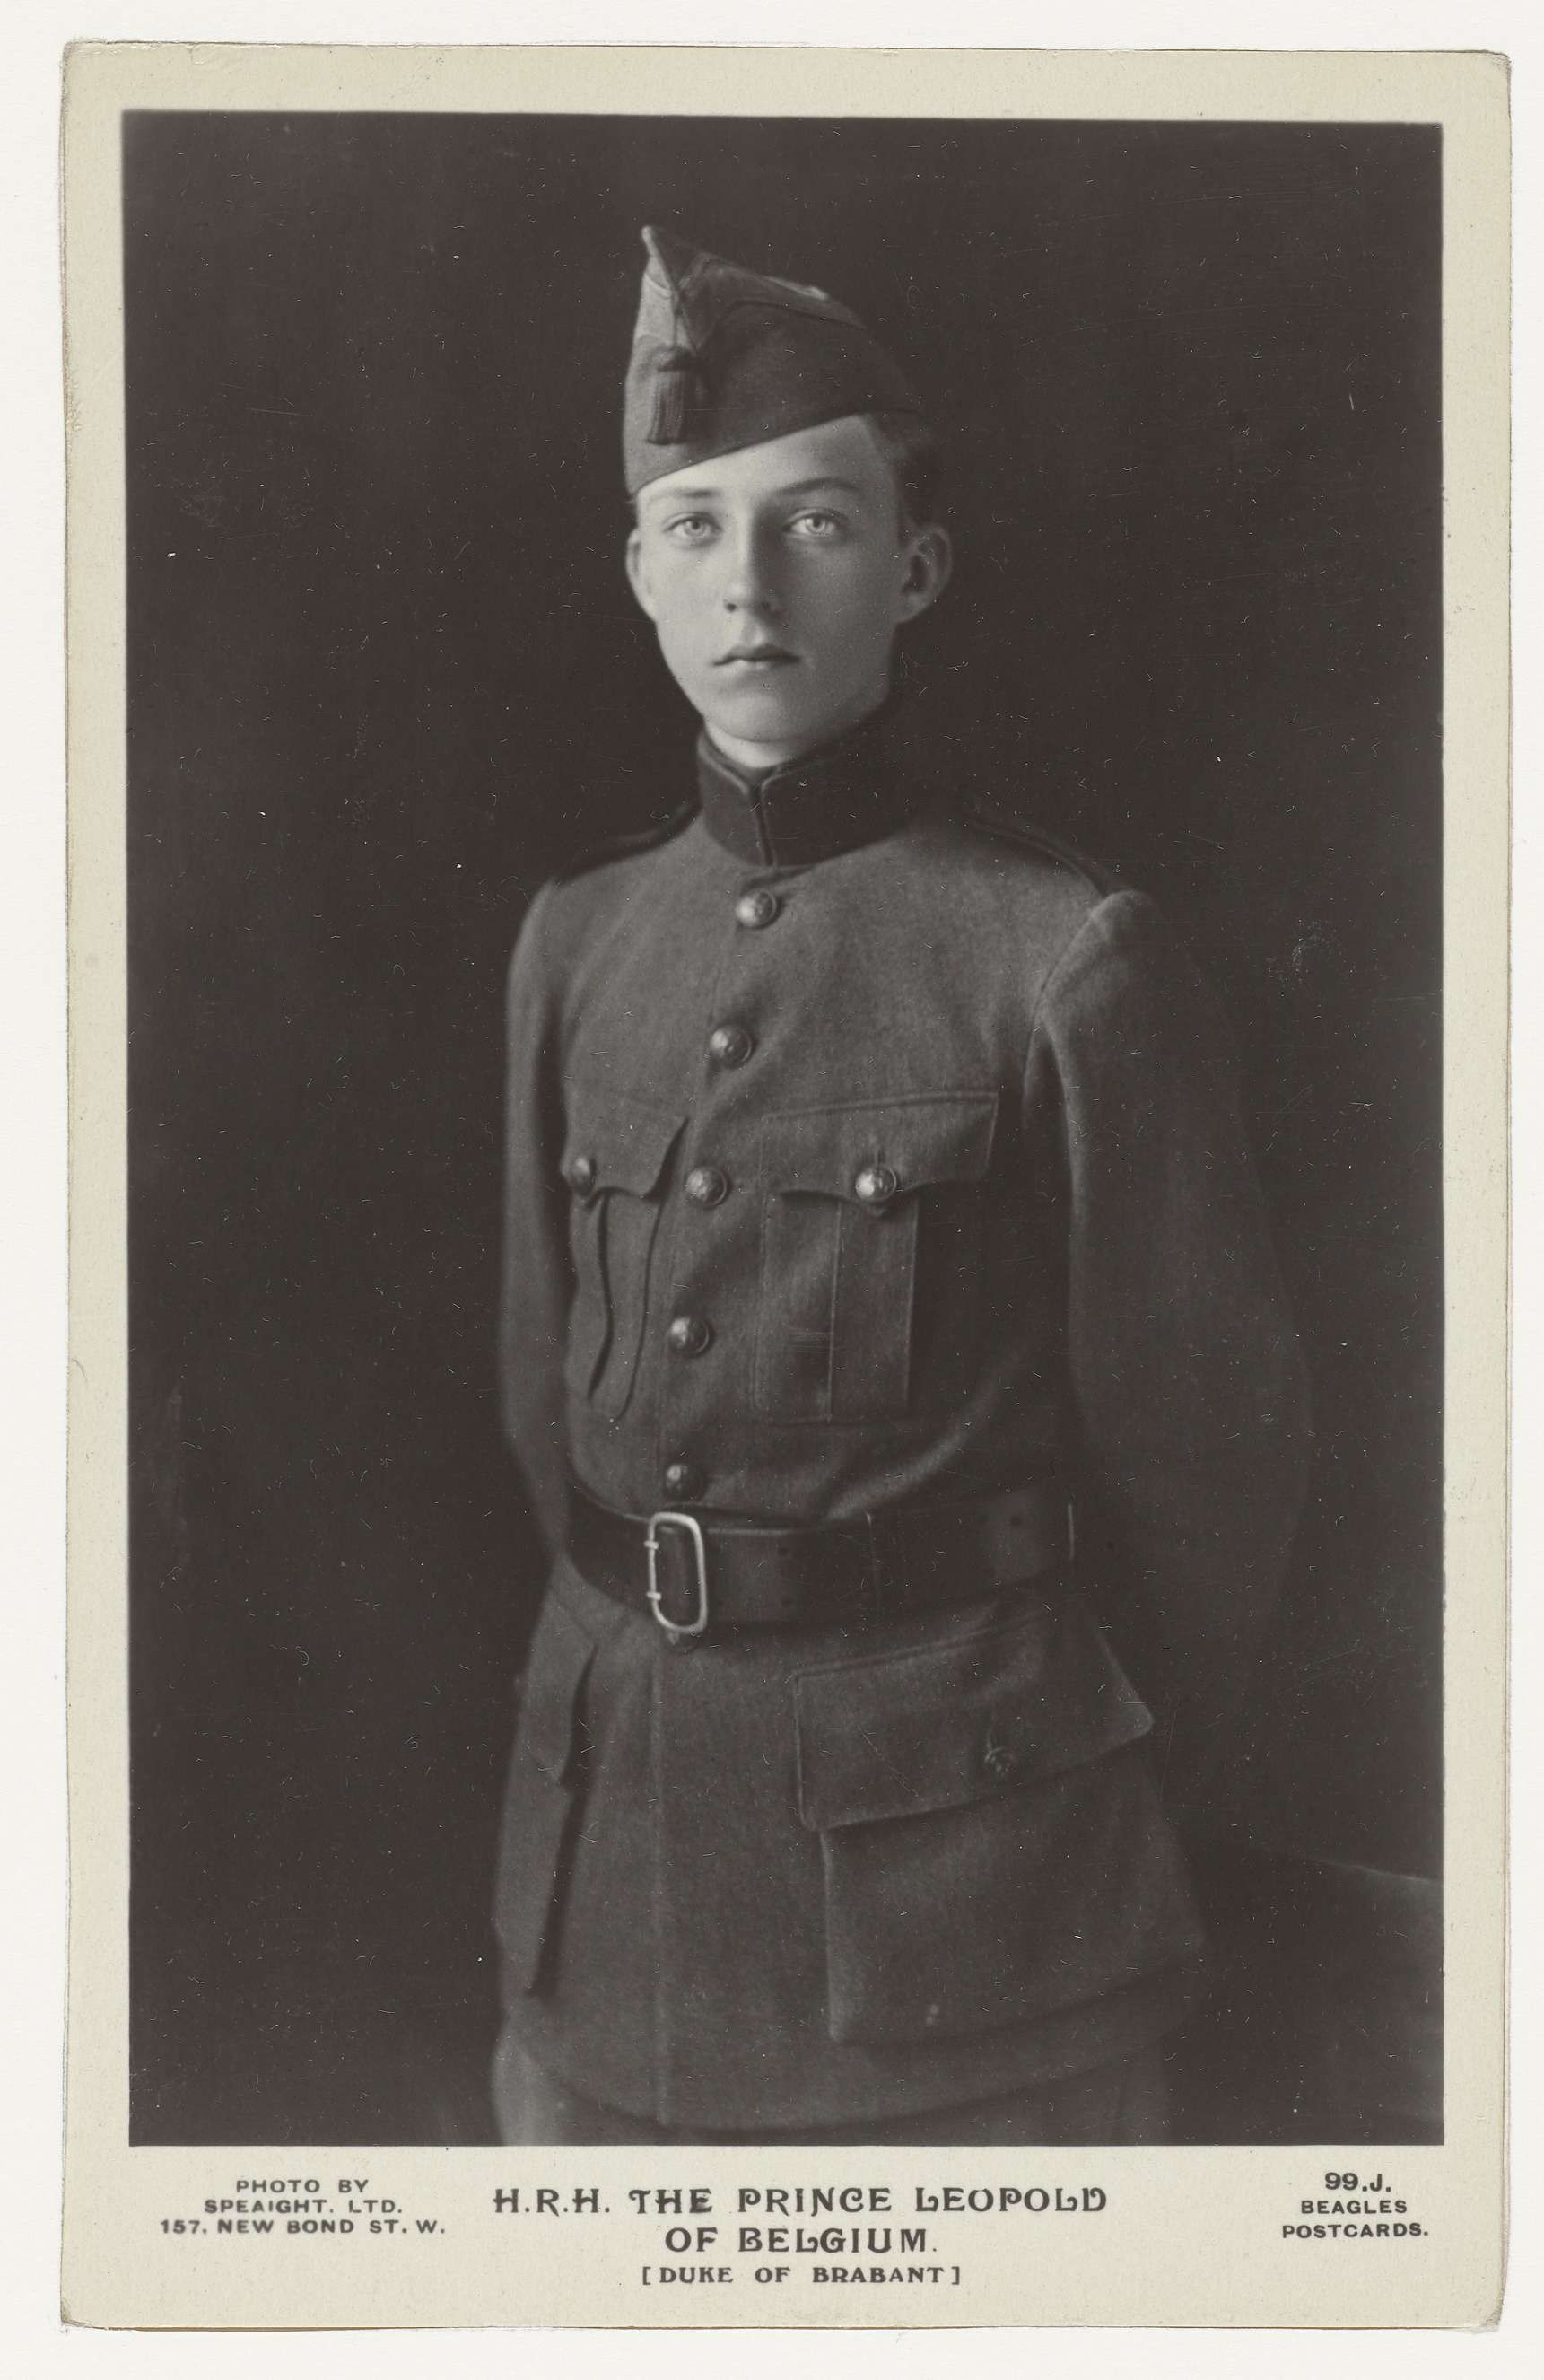 Portret van Leopold, prins van België, in militair kostuum tijdens de Eerste Wereldoorlog (de latere koning Leopold III),